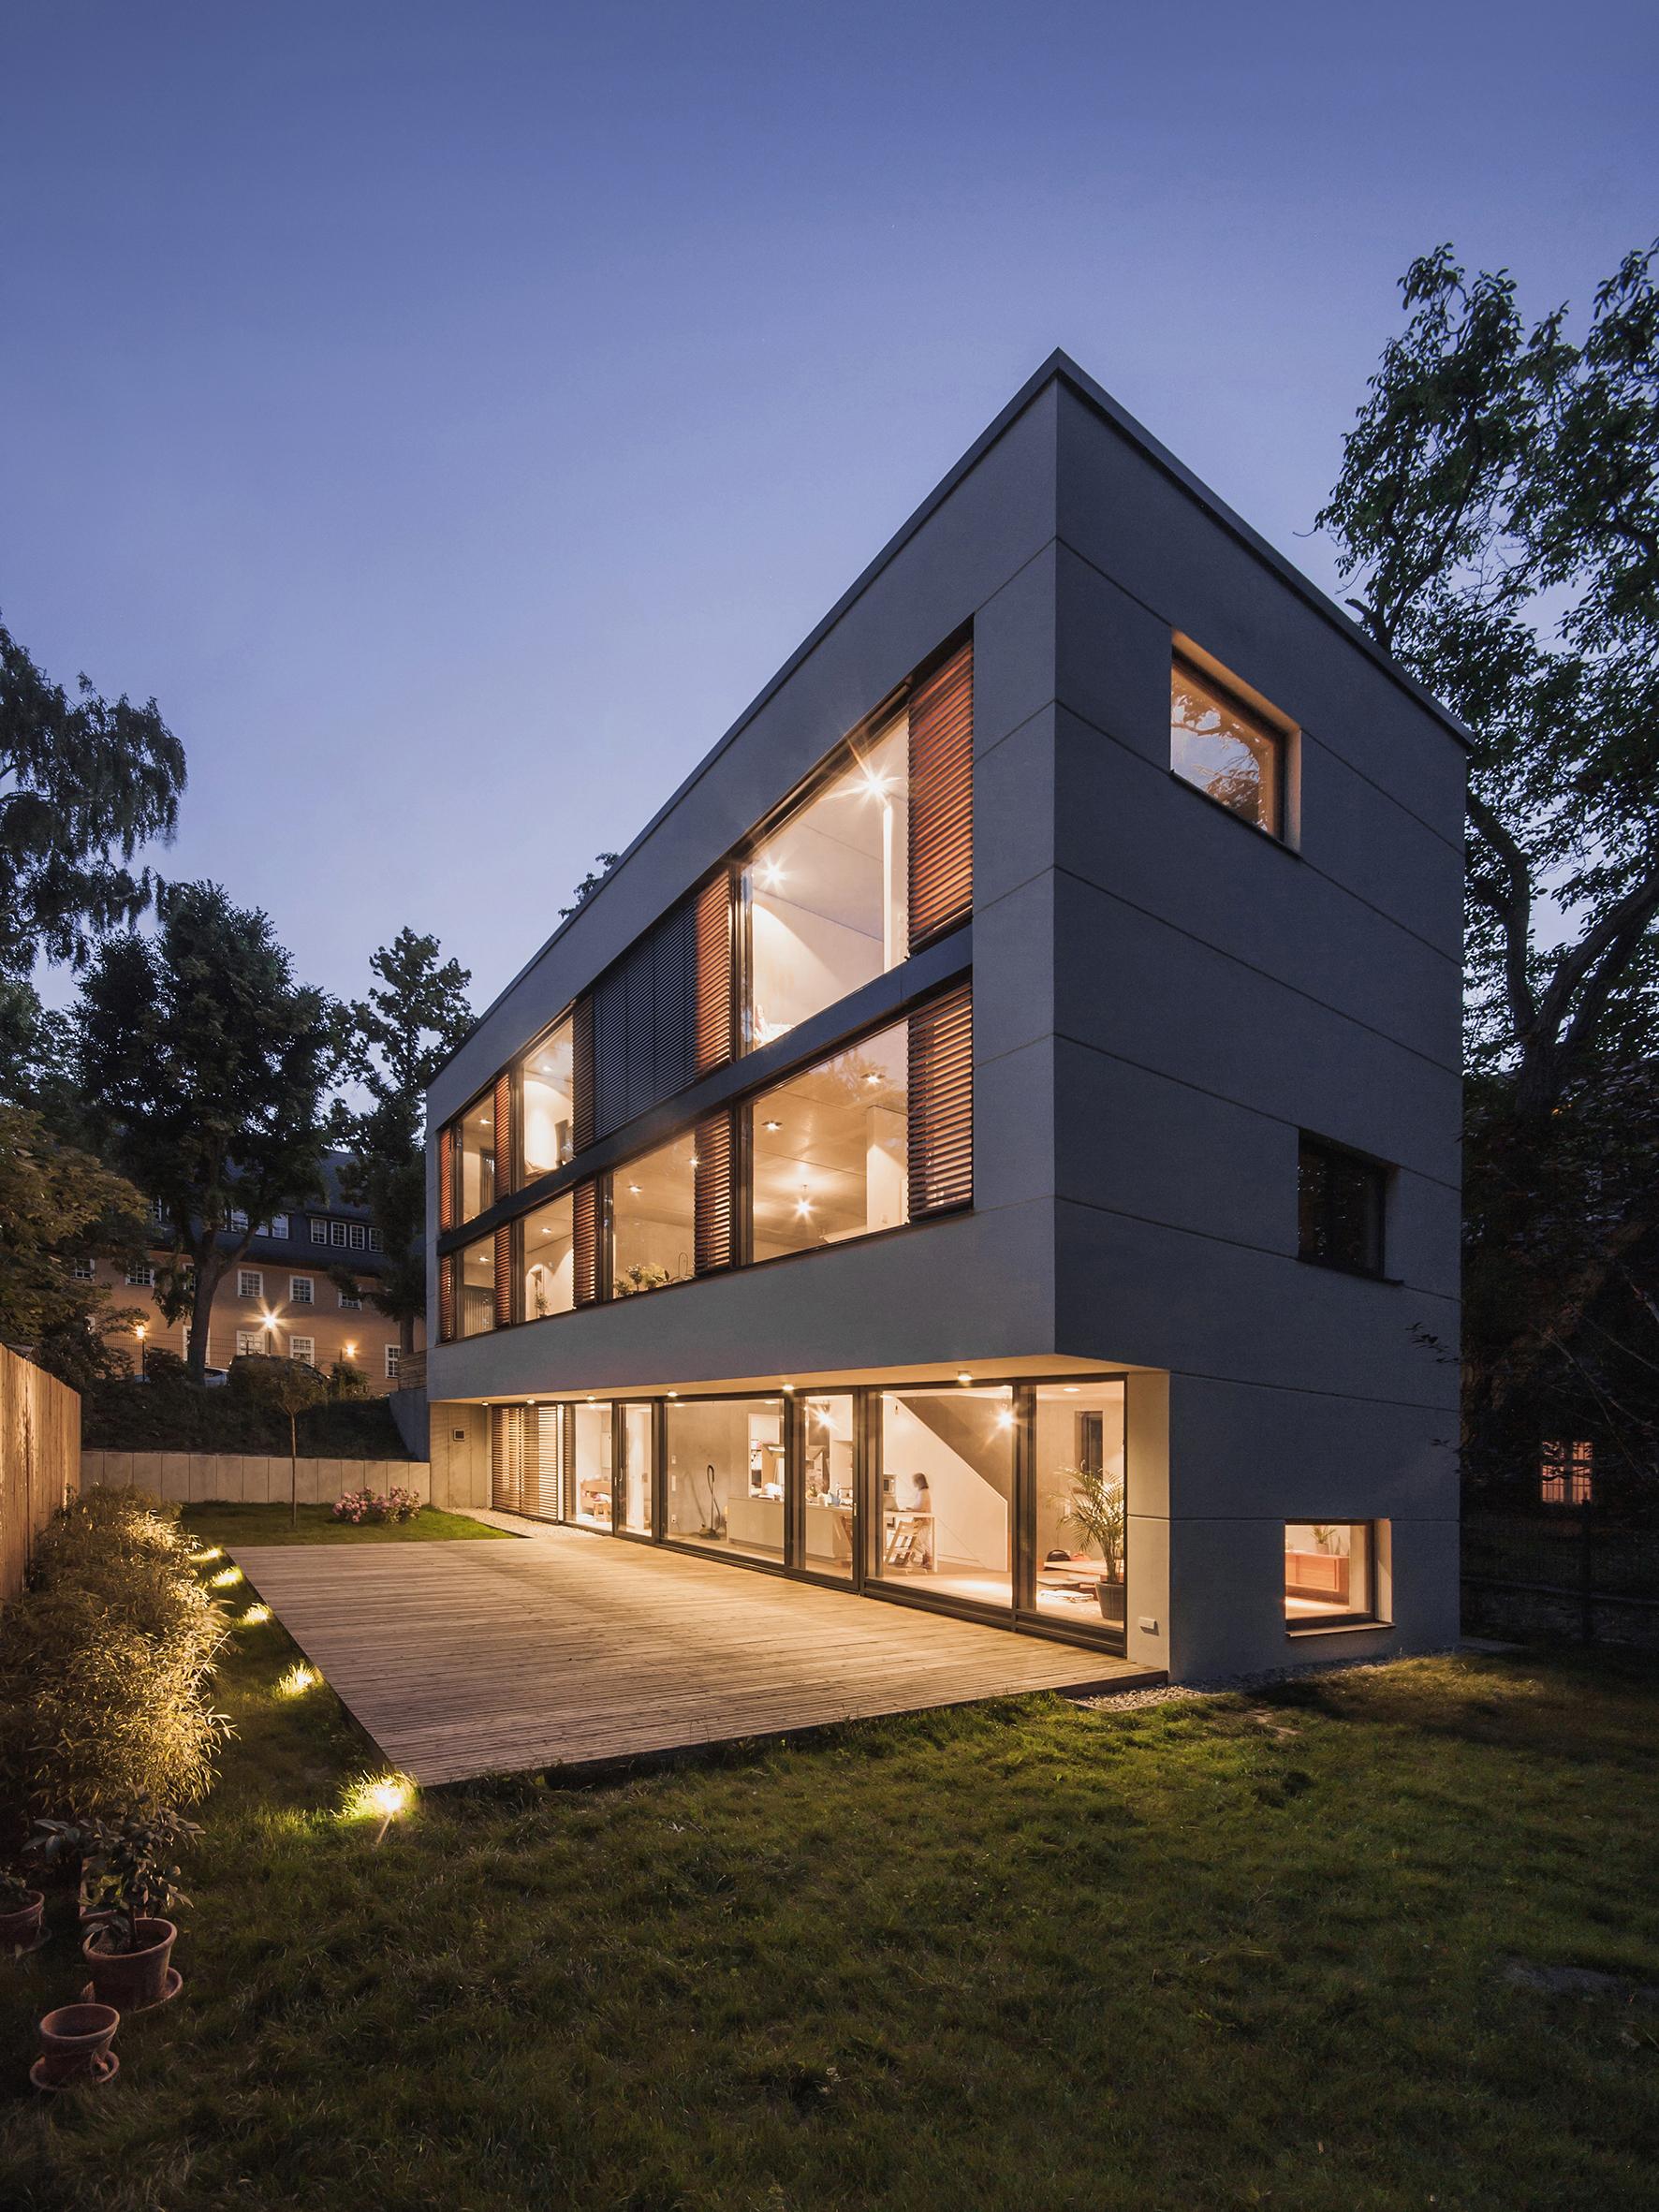 Gallery of house m peter ruge architekten 4 - Peter ruge architekten ...